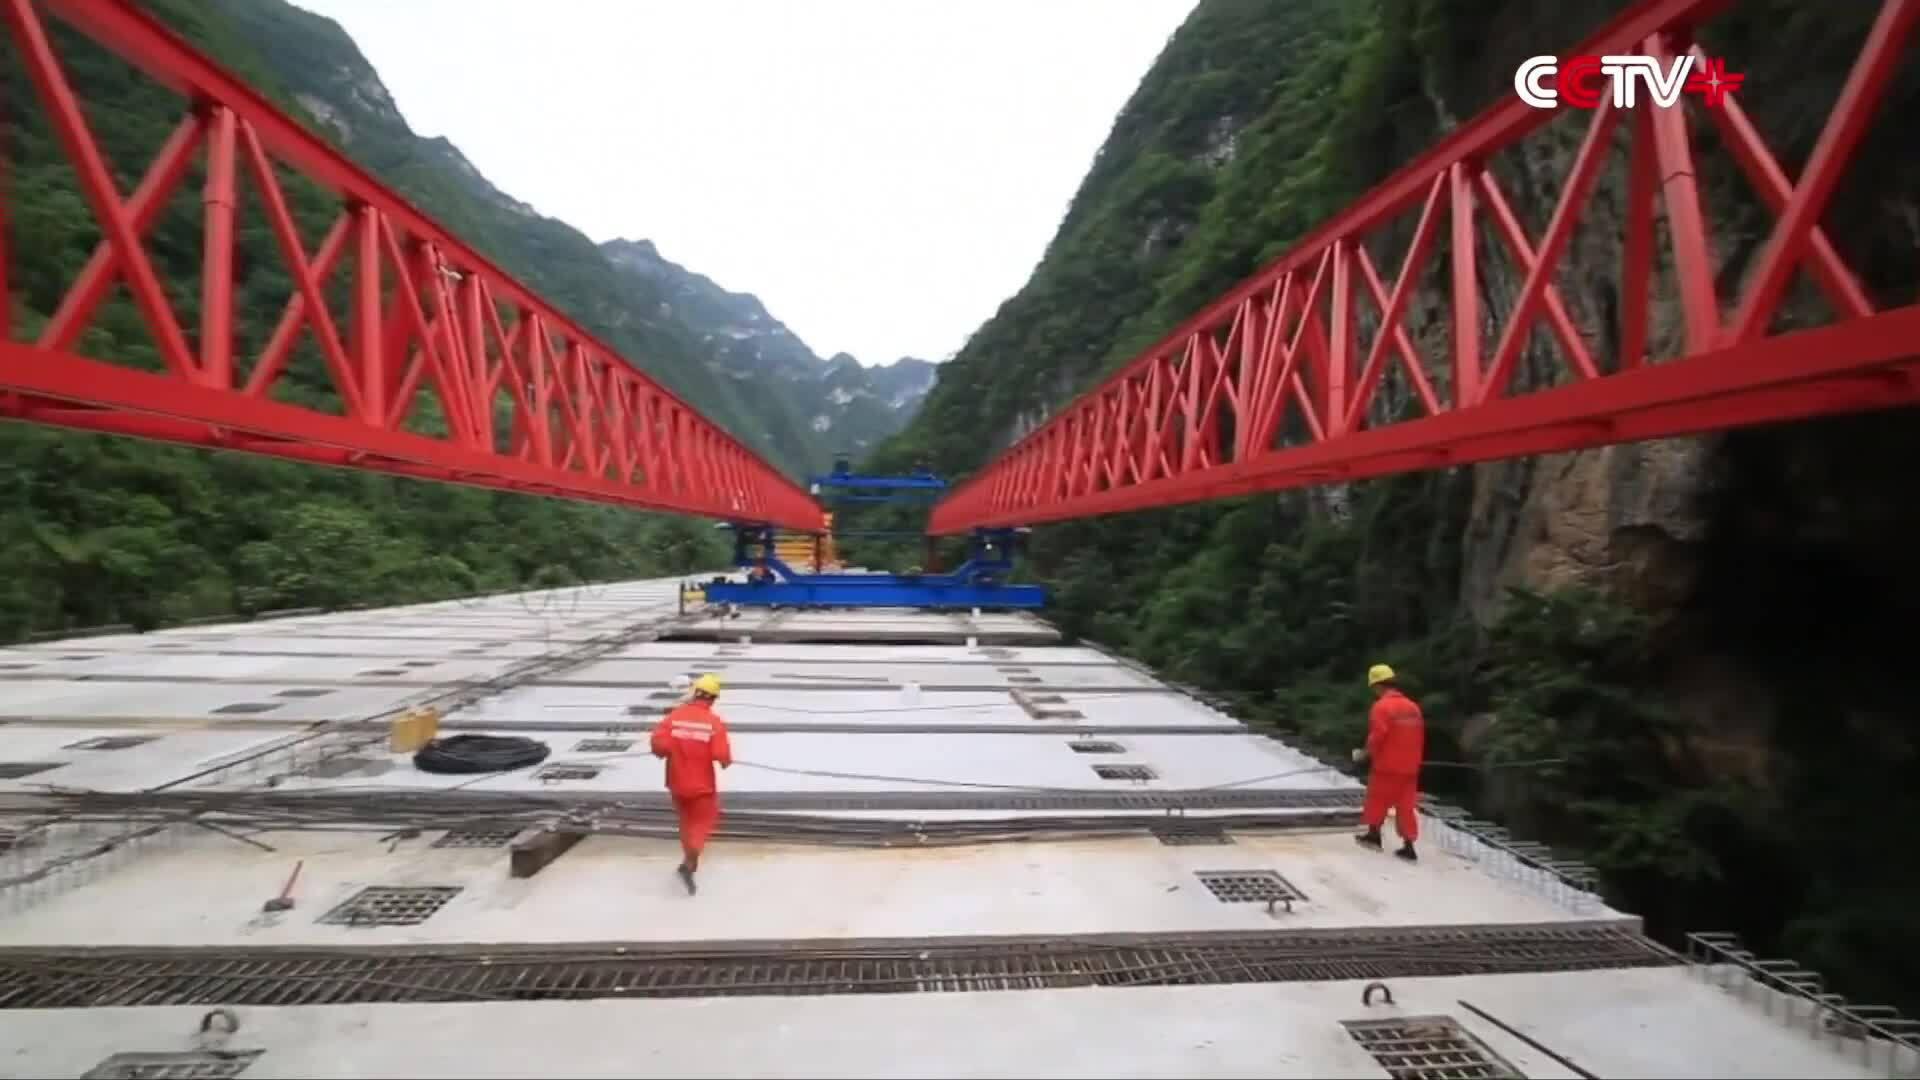 Dự án cầu liên hợp thép - bê tông dài nhất Trung Quốc